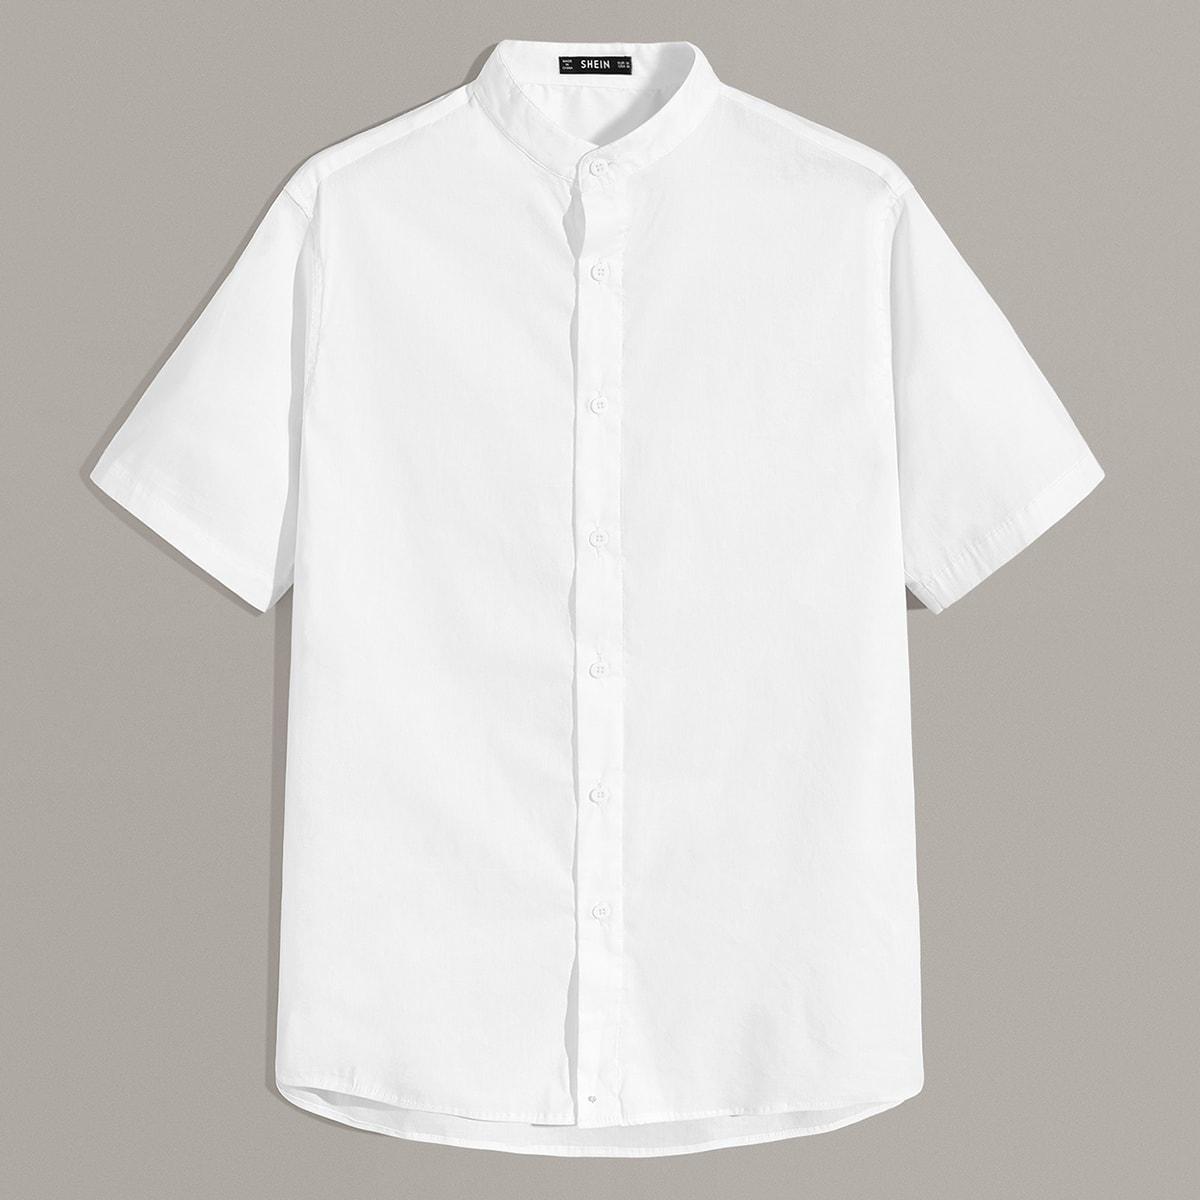 Wit Casual Vlak Overhemden voor heren Voorpand met Knoopjes